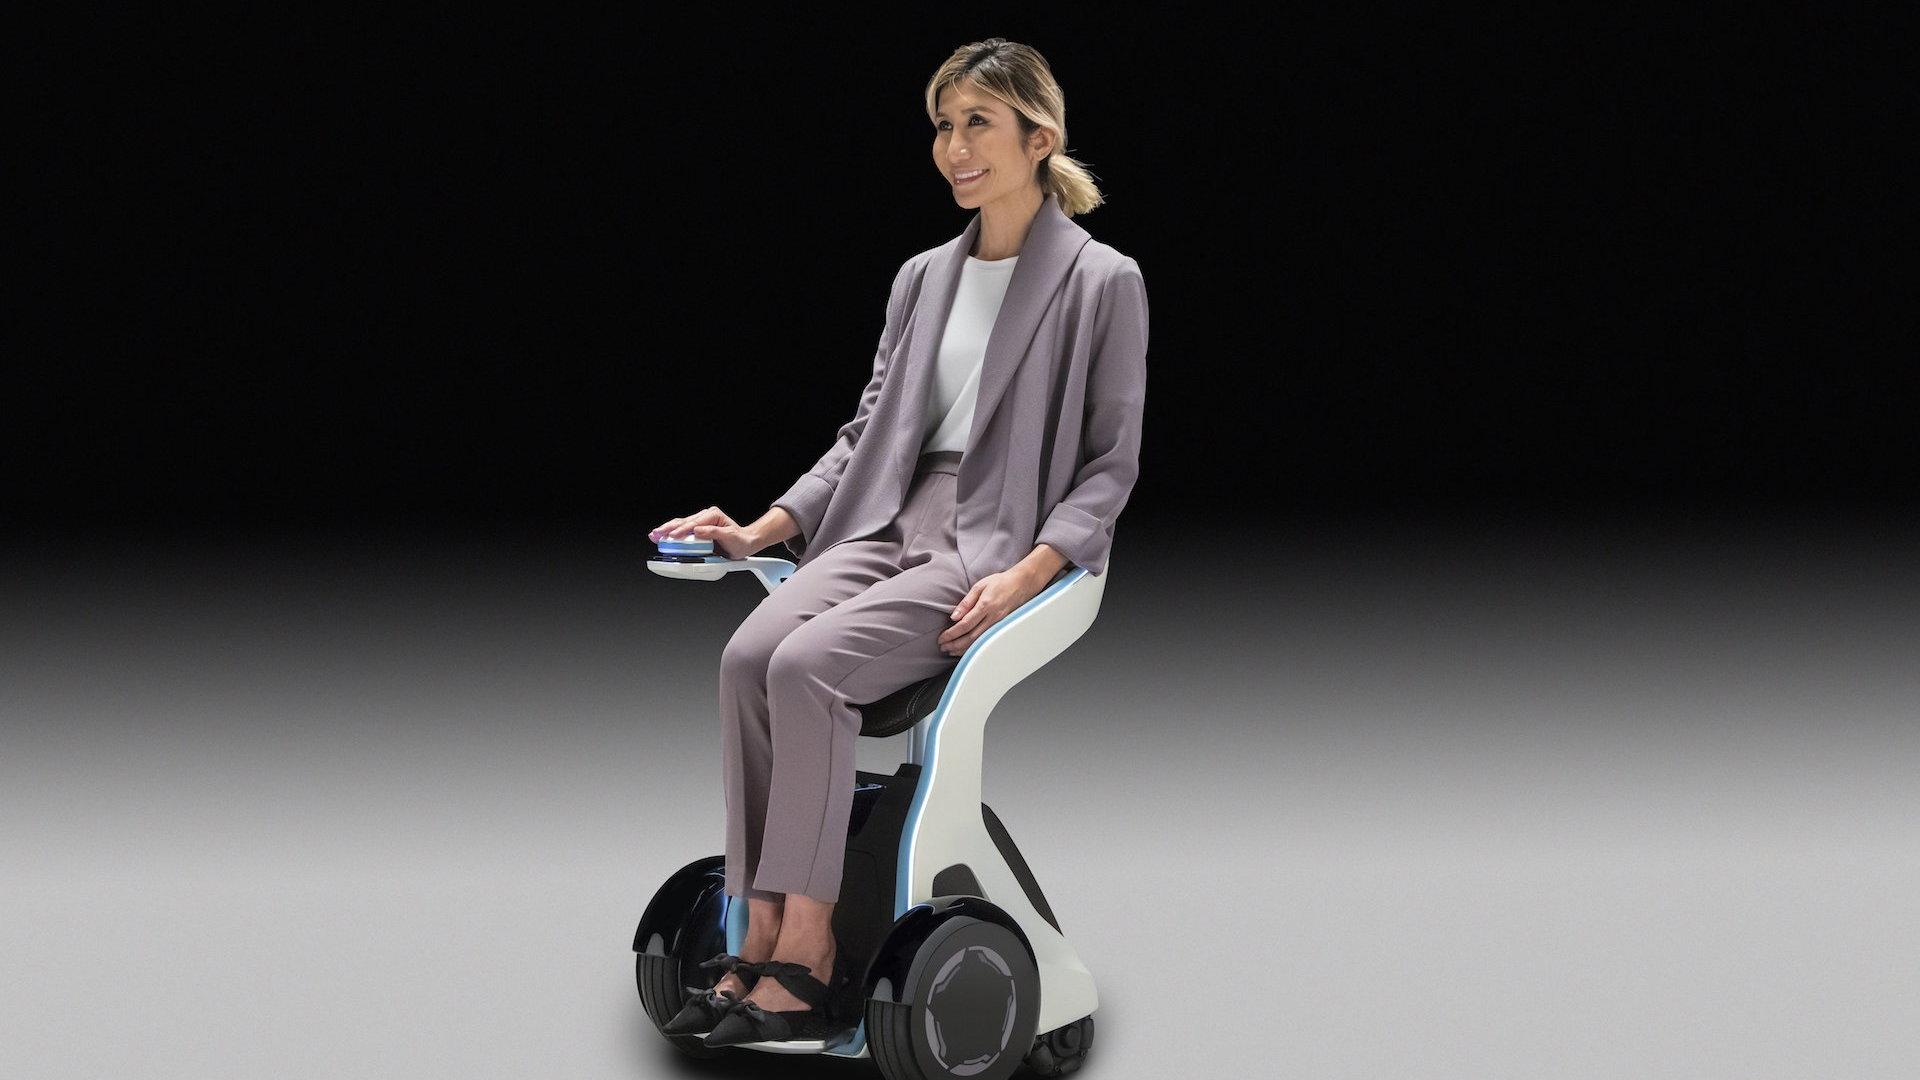 Honda 3E-B18 robot concept at 2018 CES